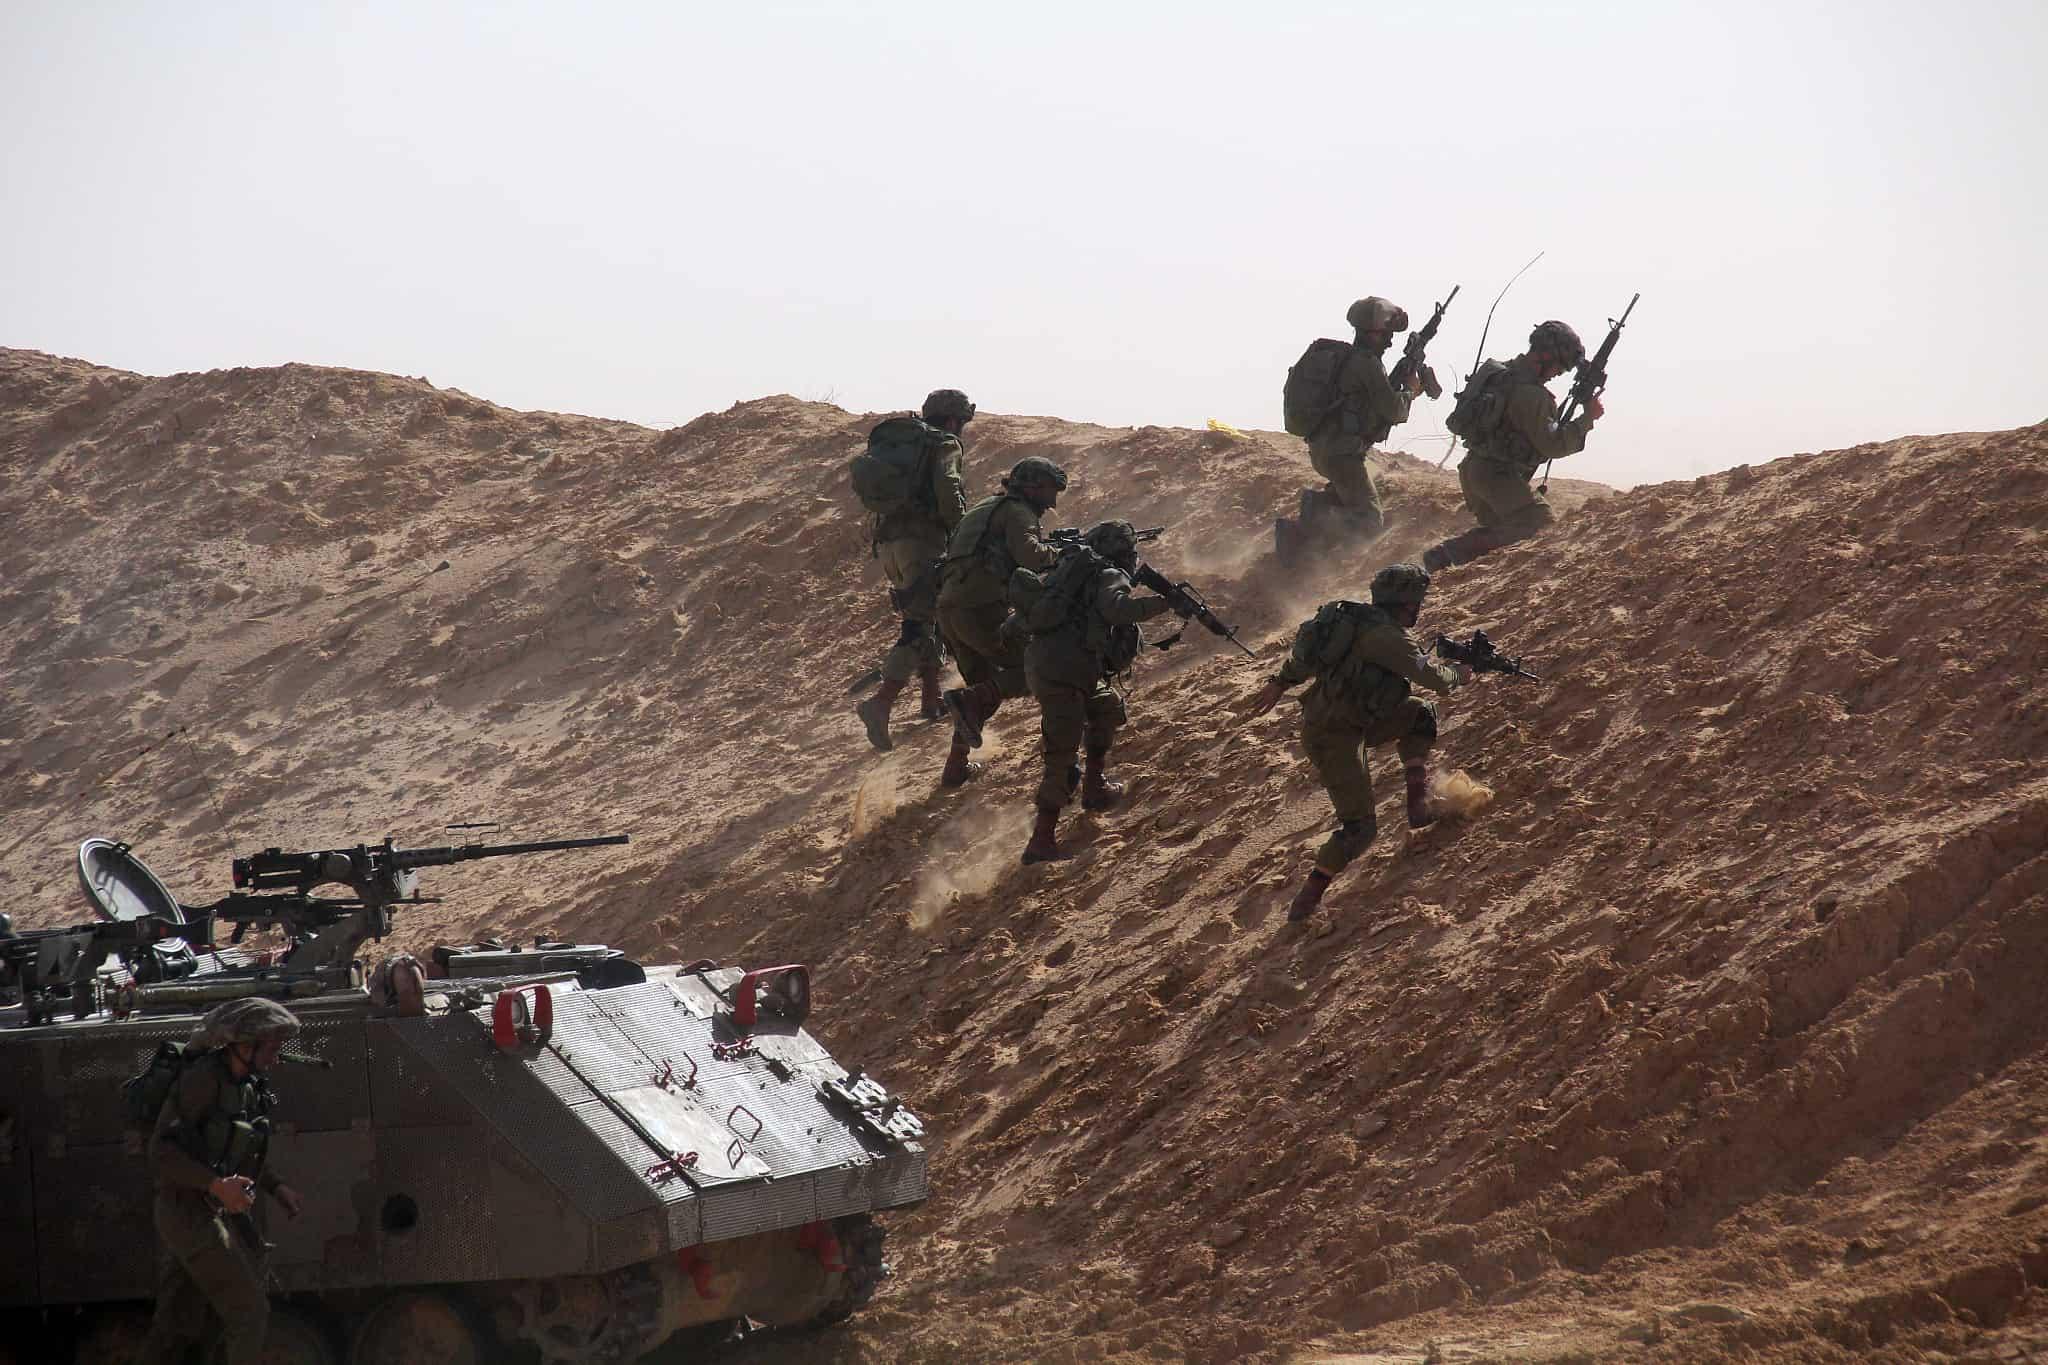 חיילים מתאמנים עם נגמש M113 (צילום: Ofer Zidon/FLASH90)